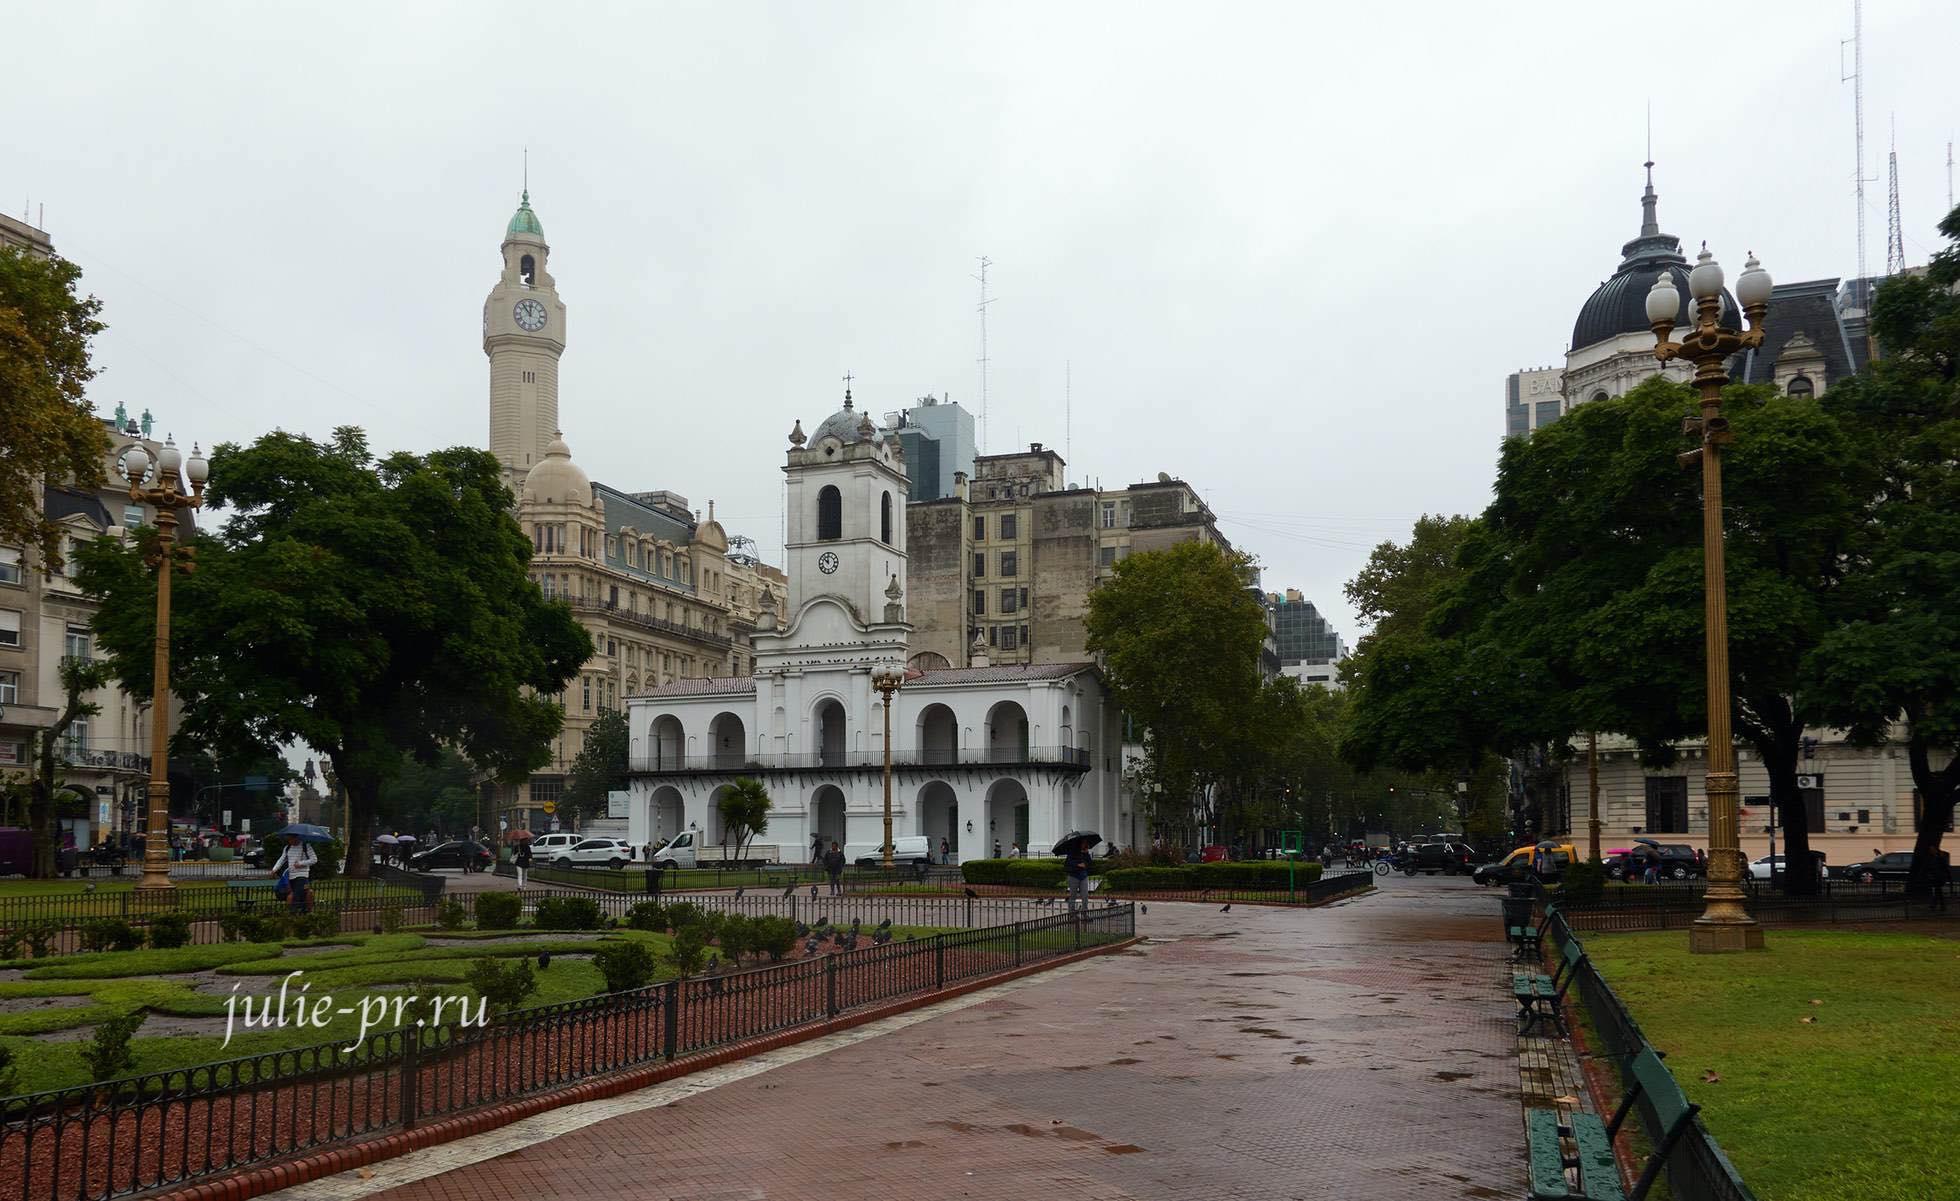 Аргентина, Буэнос-Айрес, Ратуша